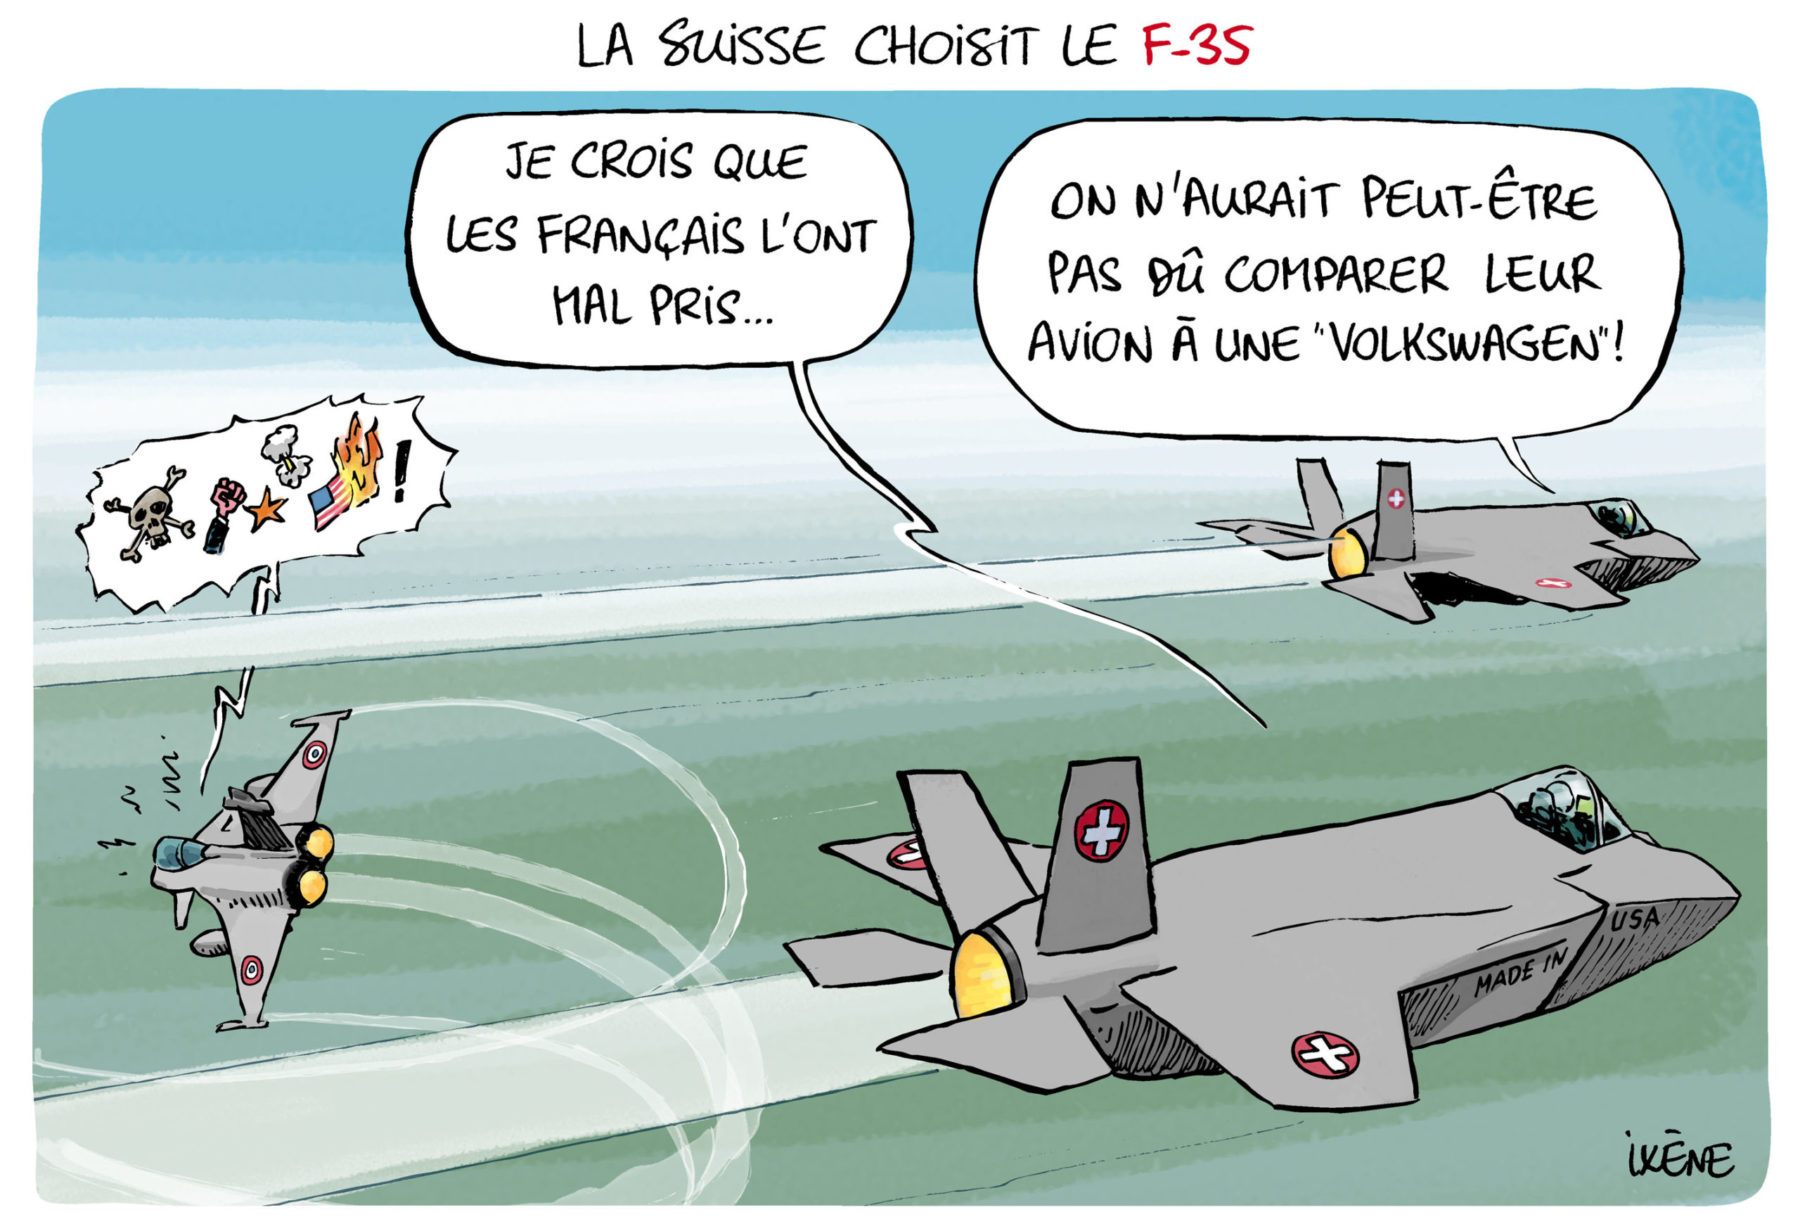 La Suisse choisit le F-35